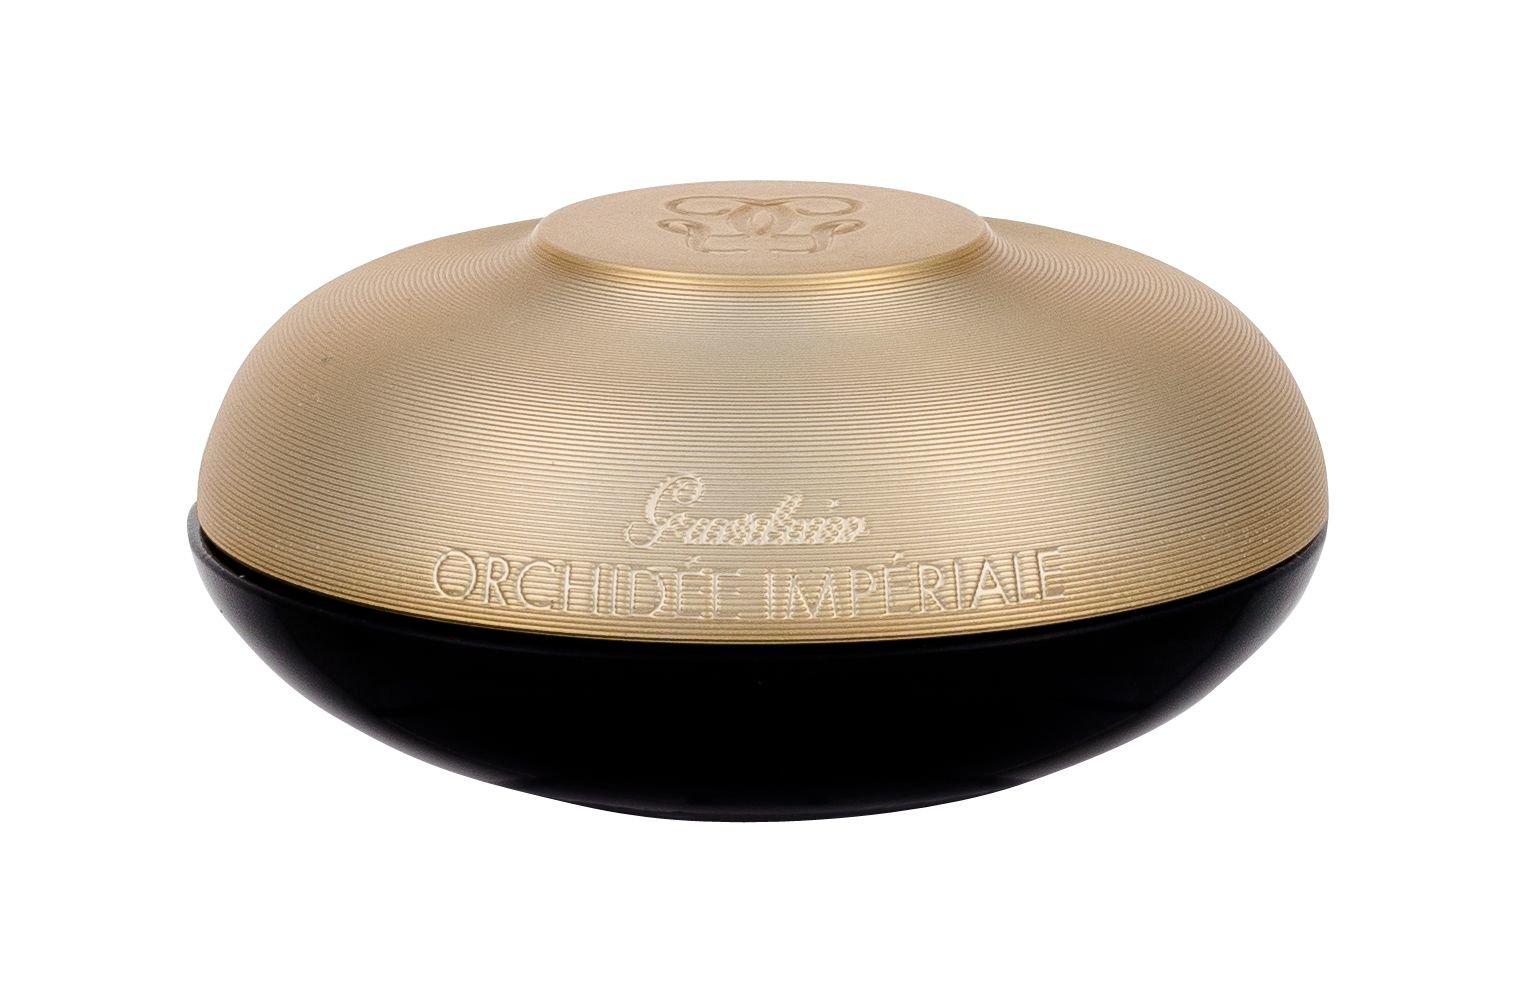 Guerlain Orchidée Impériale Eye Cream 15ml